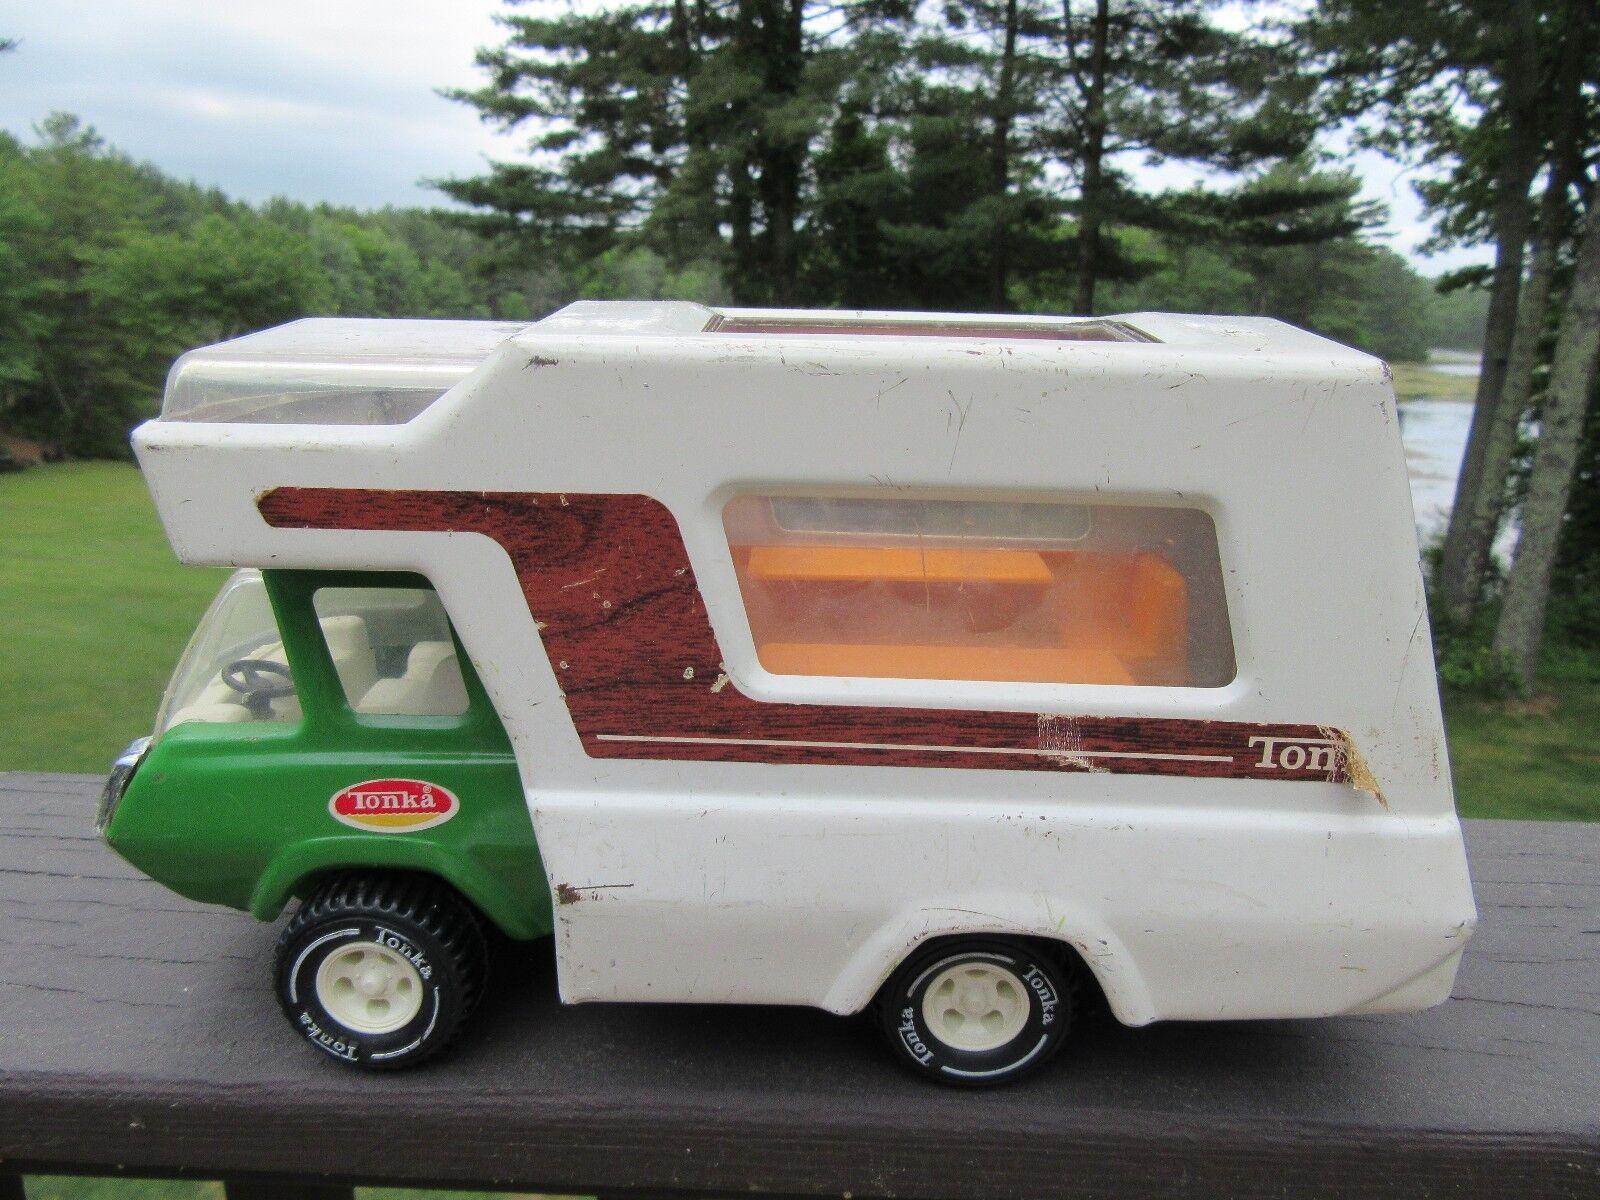 Entrega directa y rápida de fábrica Tonka Camioneta Camper 9C     Camión Vintage Metal Camiones De Juguete   al precio mas bajo